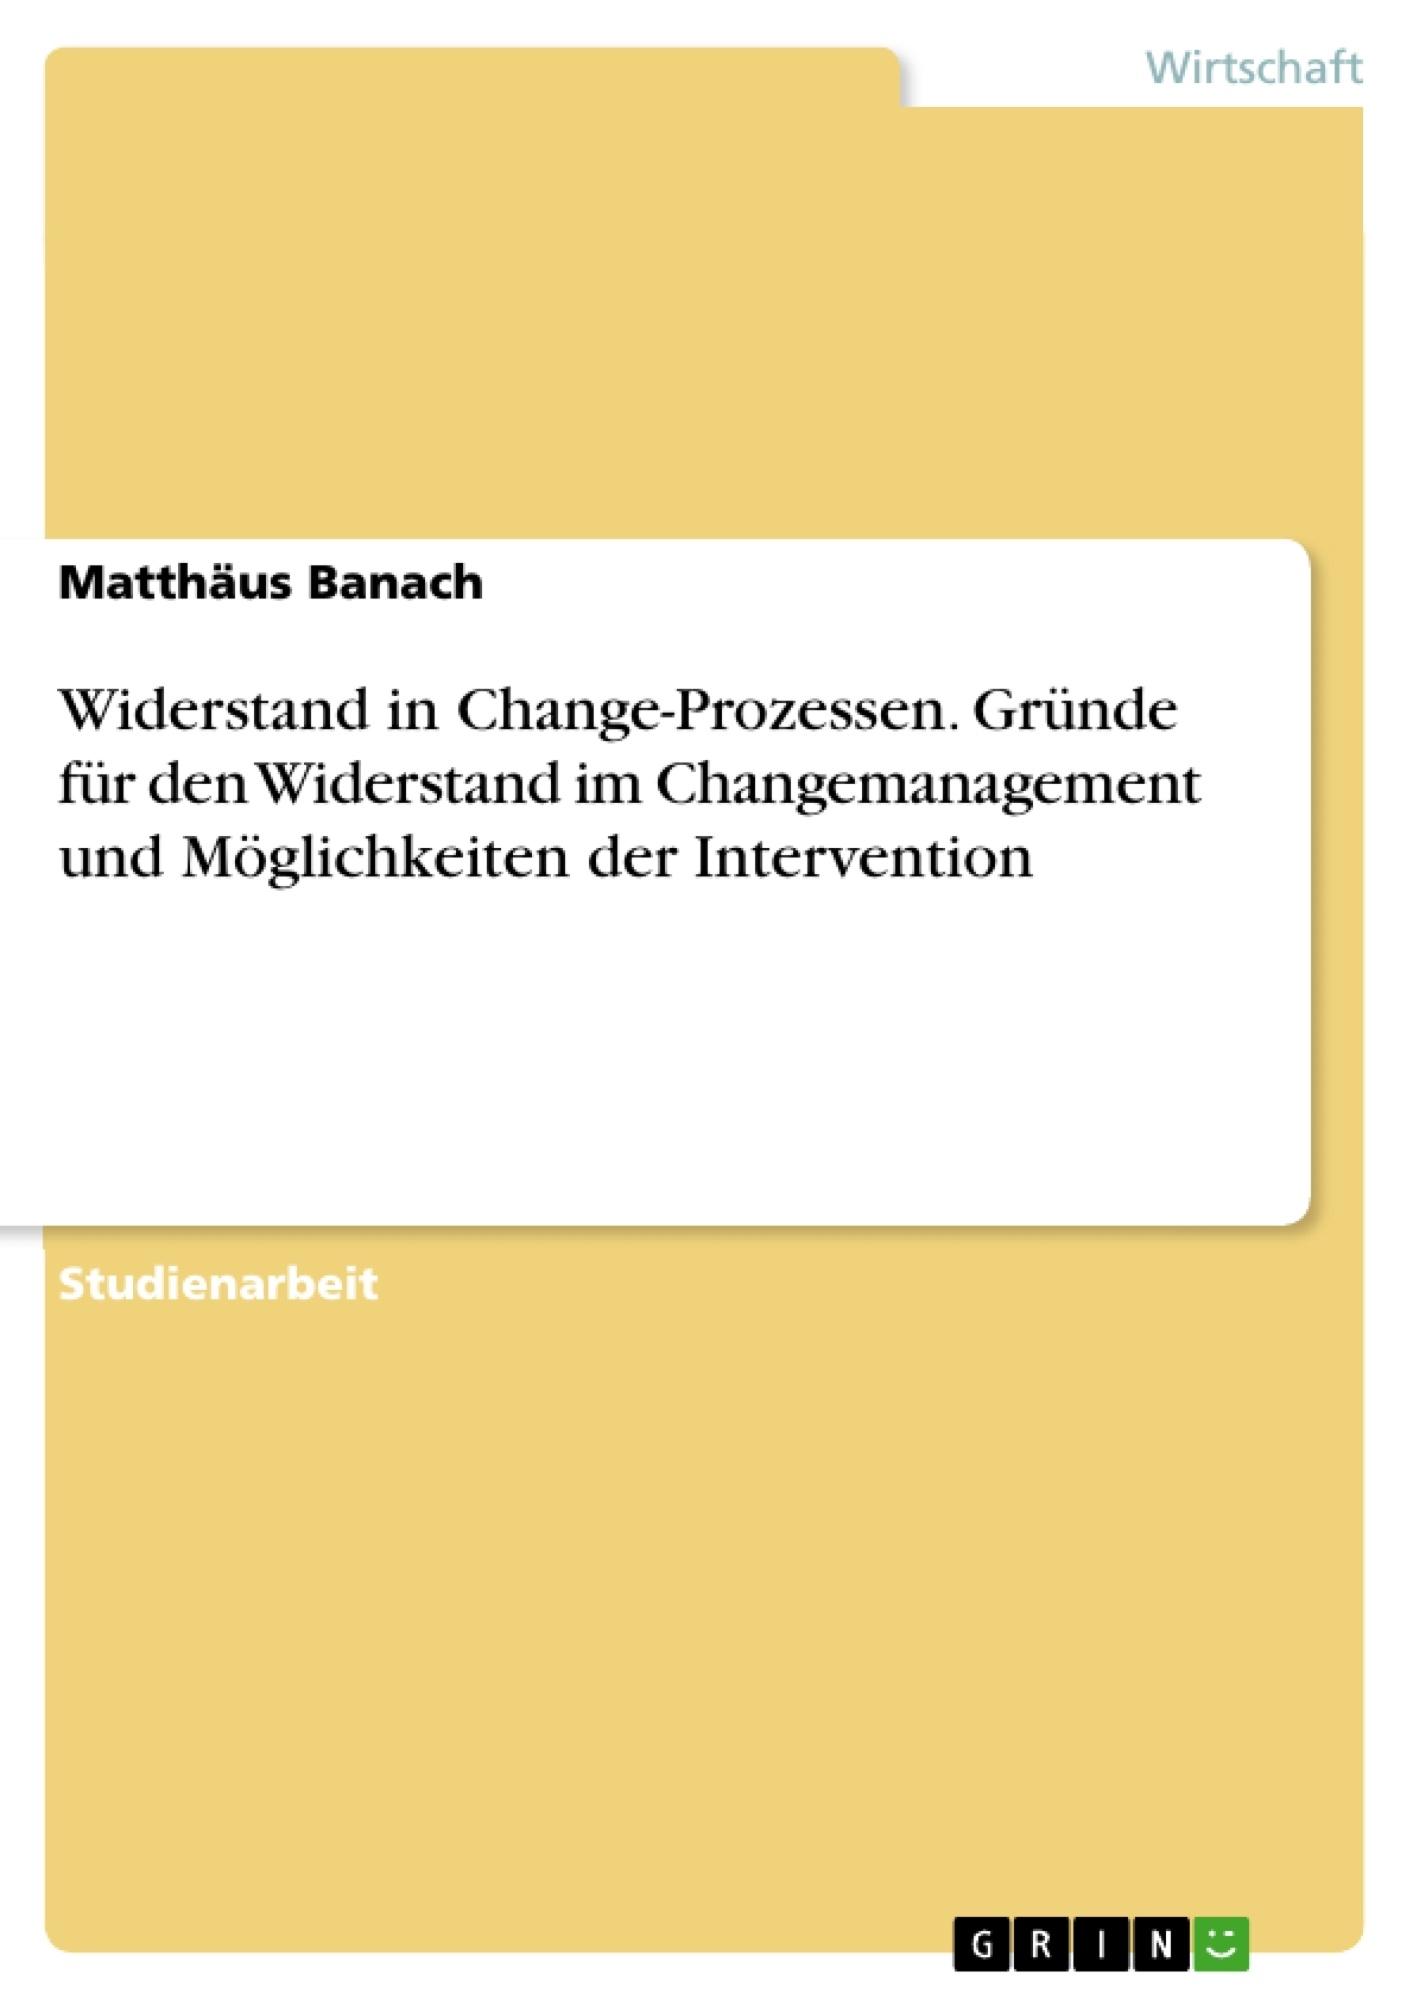 Titel: Widerstand in Change-Prozessen. Gründe für den Widerstand im Changemanagement und Möglichkeiten der Intervention